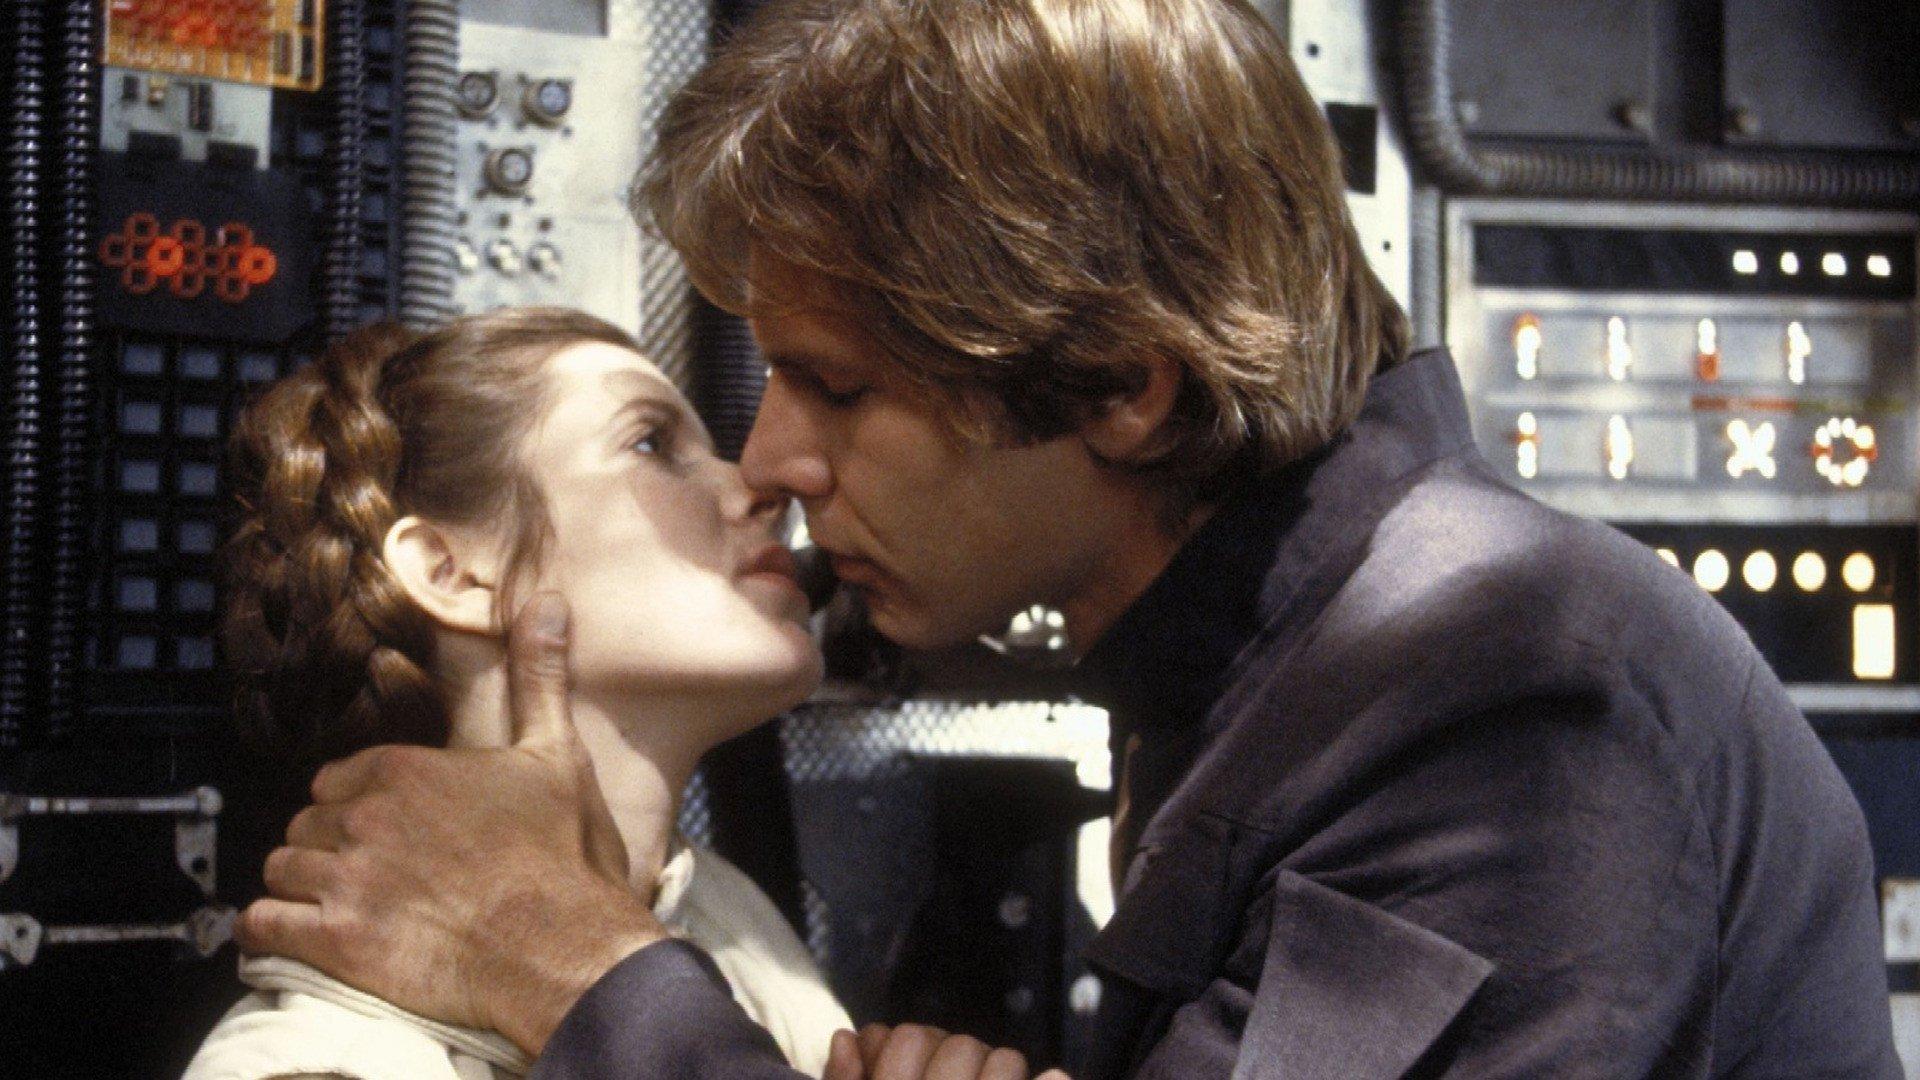 电影 - 星球大战2:帝国反击战  Han Solo Princess Leia Harrison Ford Carrie Fisher 壁纸